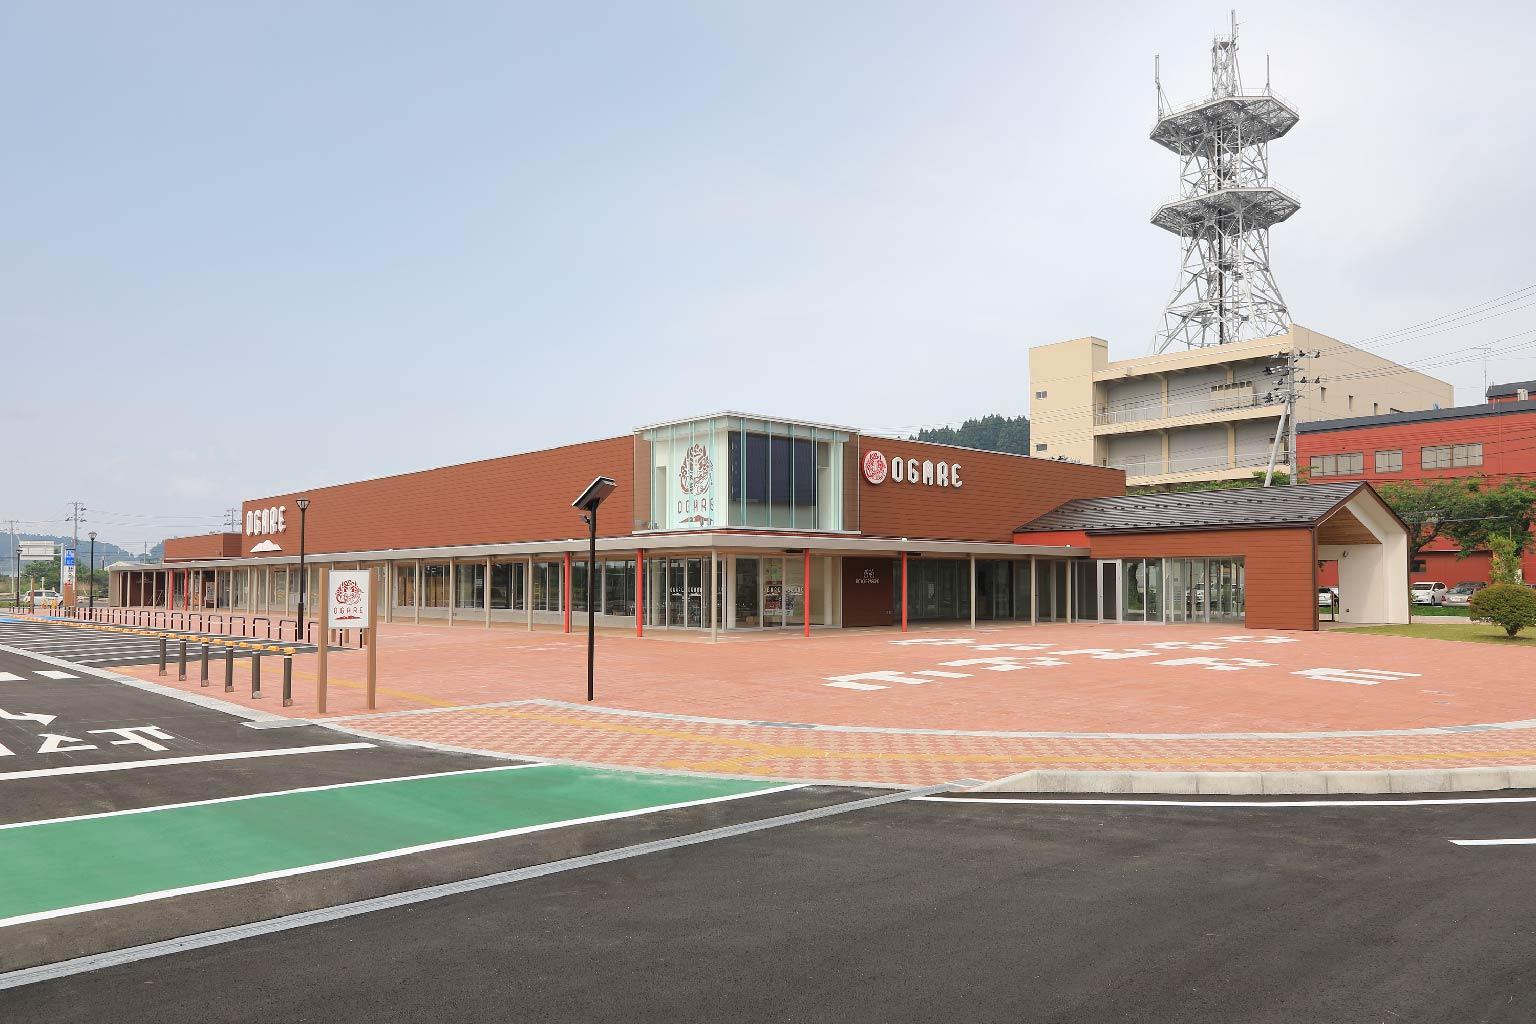 道の駅おが「オガーレ」